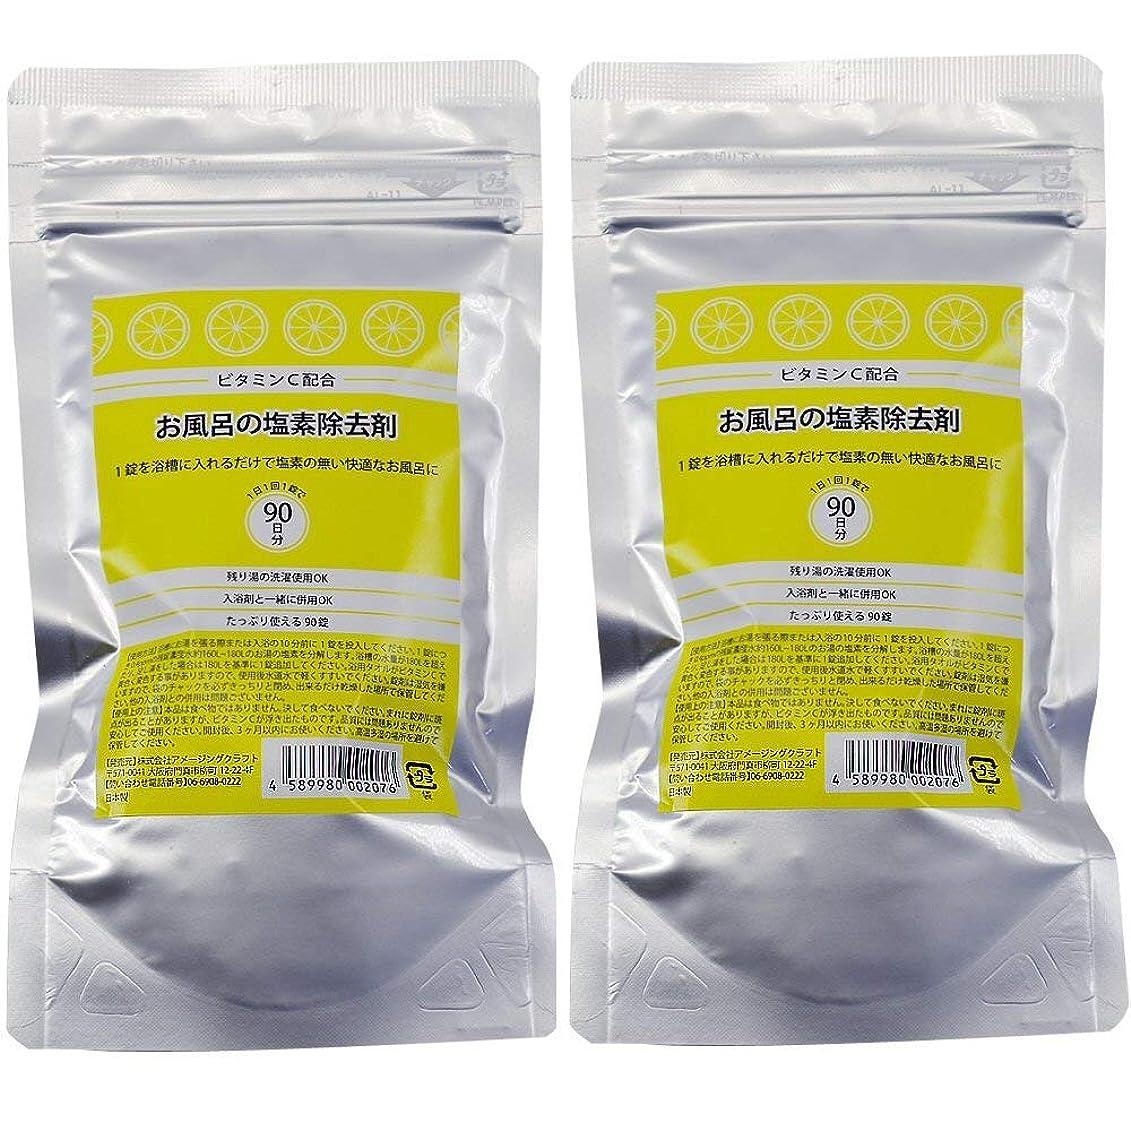 囲いエンゲージメント和らげるビタミンC配合 お風呂の塩素除去剤 錠剤タイプ 90錠 2個セット 浴槽用脱塩素剤